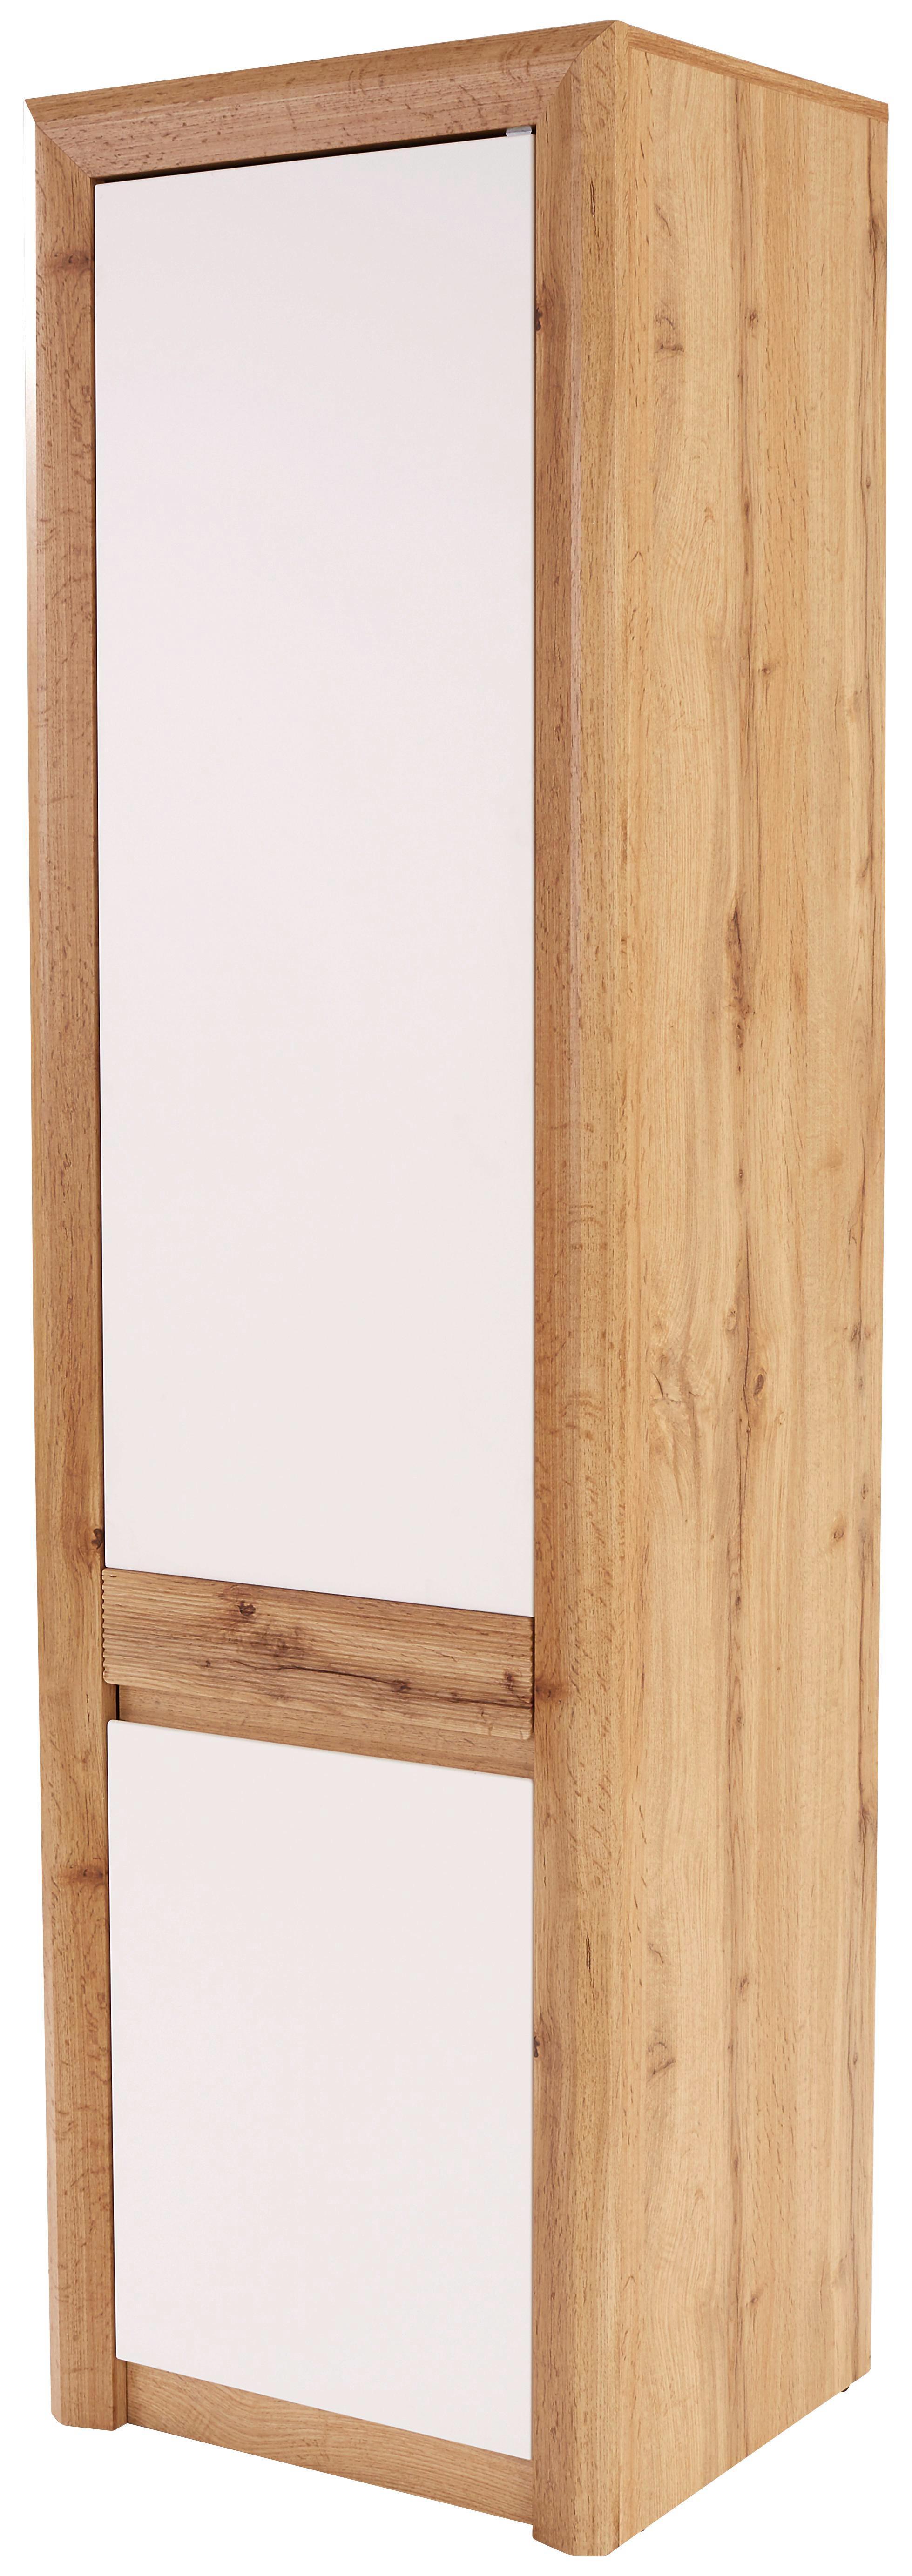 schrank online kaufen amazing enorm schrank nach ma berlin schone mass sehr gehend od. Black Bedroom Furniture Sets. Home Design Ideas